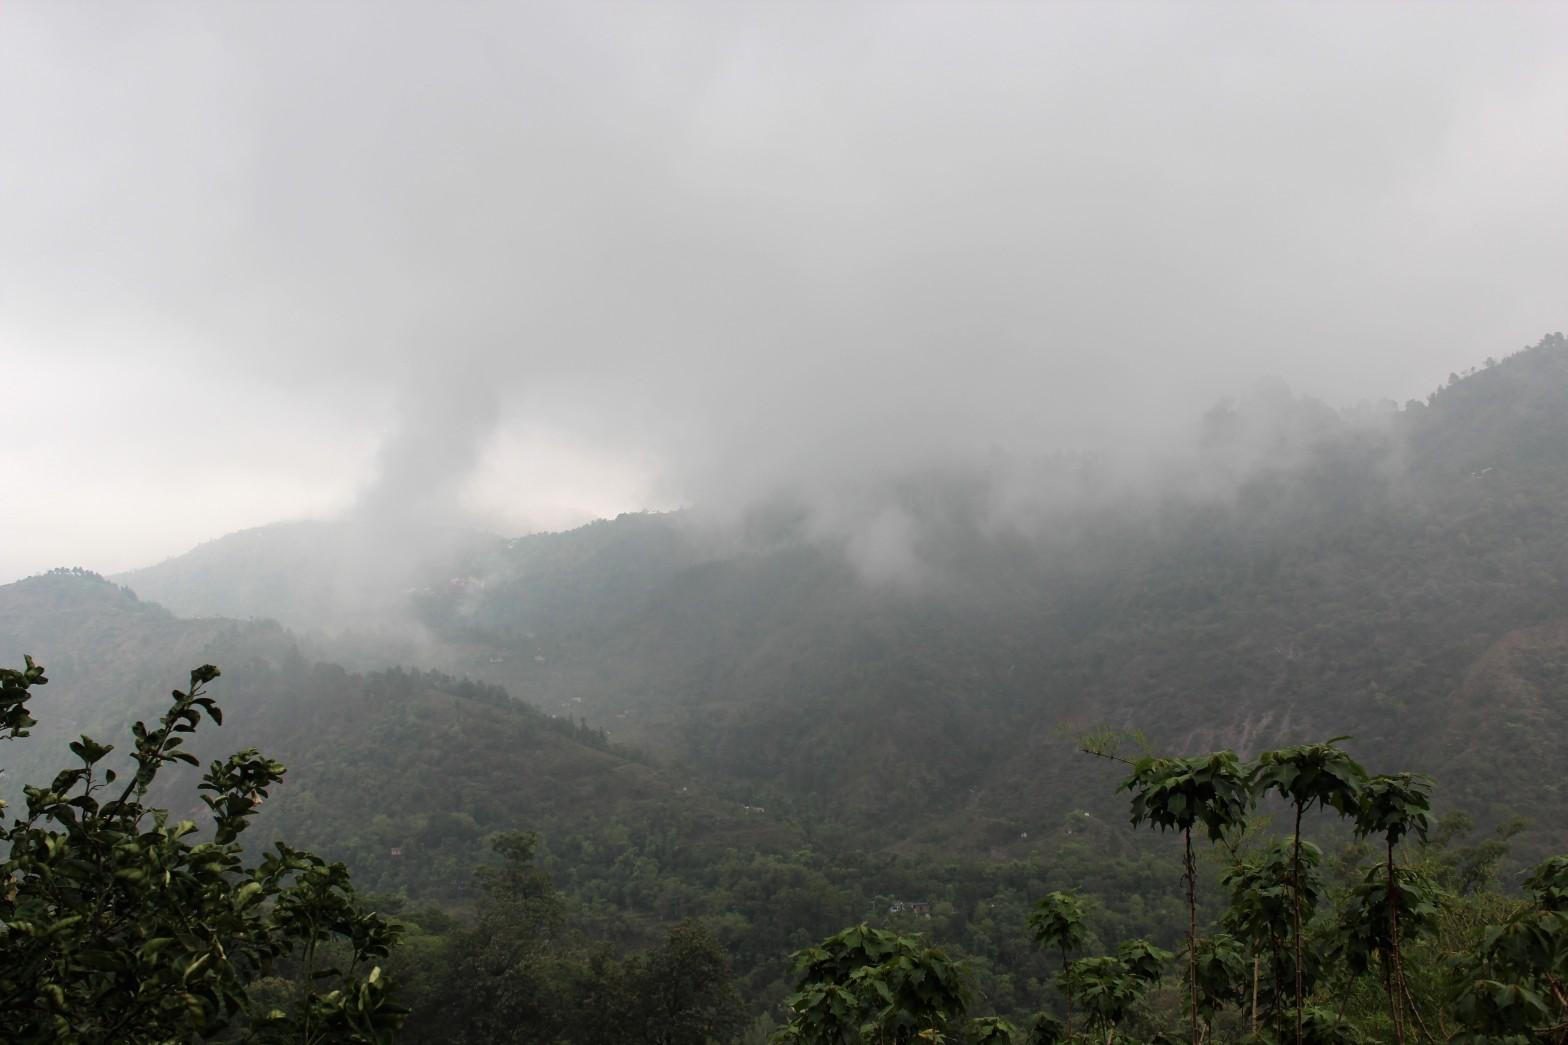 jeolikot, village, kathgodam, nainital